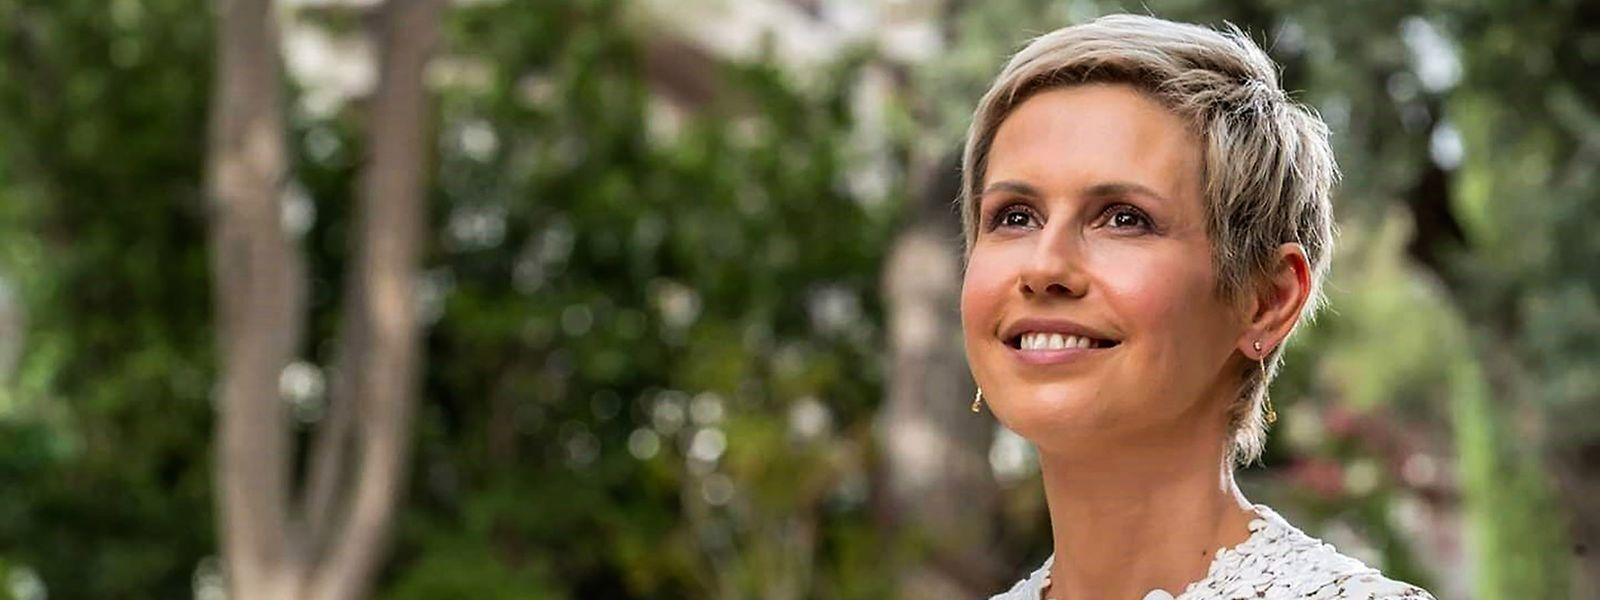 """Asma al Assad: Von Magazinen wie """"Vogue"""" und """"Paris Match"""" gefeiert, schweigt die in London ausgebildete Finanzanalystin zu den Verbrechen des Assad-Regimes bis heute."""